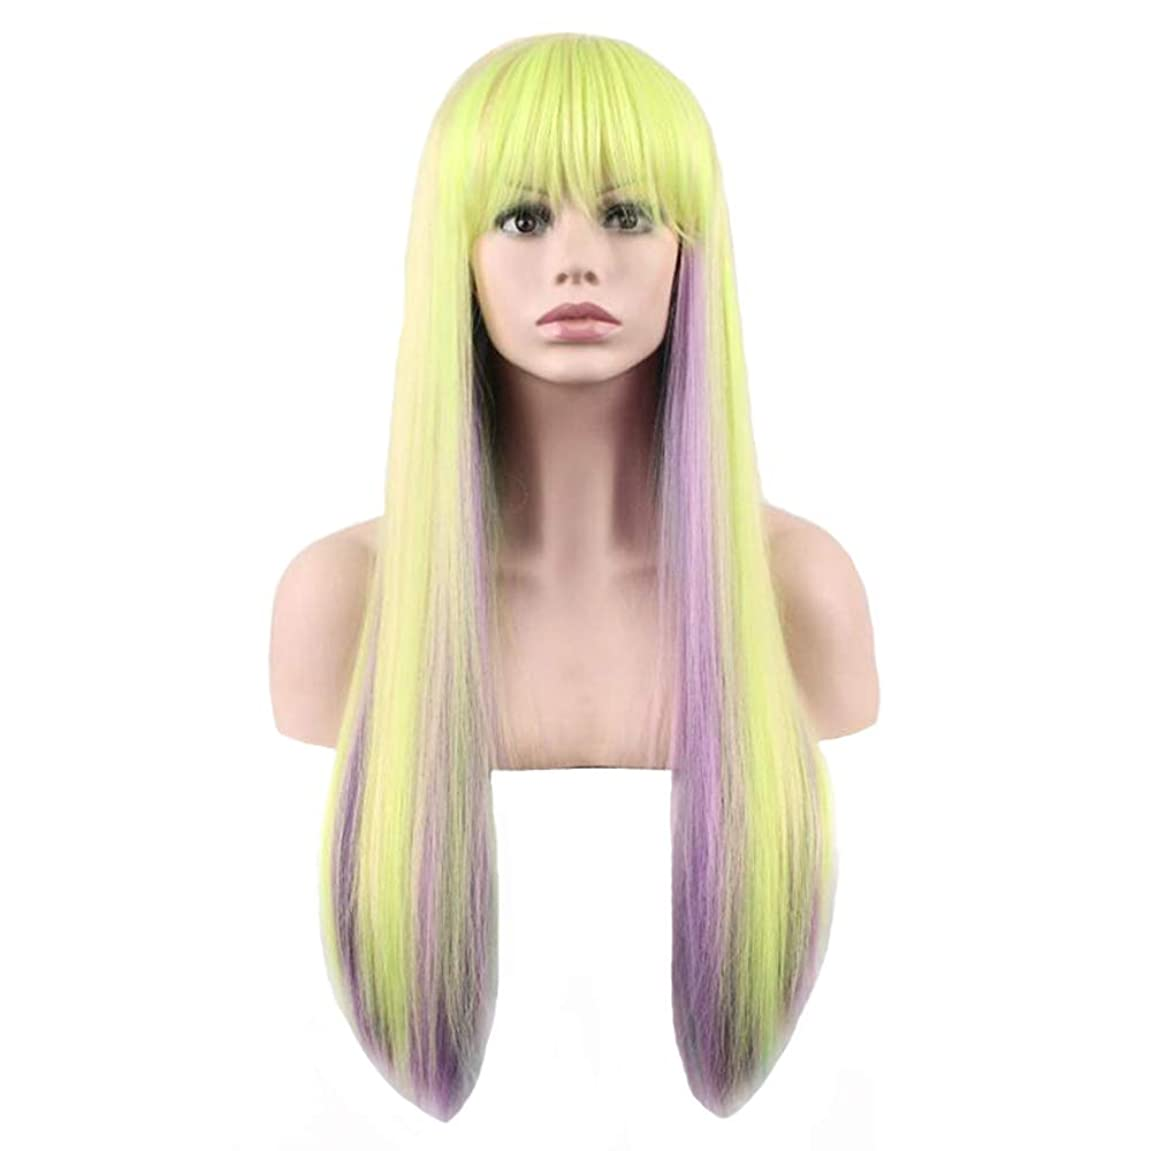 モナリザ発見するスケッチウィッグ - ファッションレディー長いストレート高温シルクウィッグパーティーロールハロウィーン70cmの色を演奏 (色 : Green, サイズ さいず : 70cm)